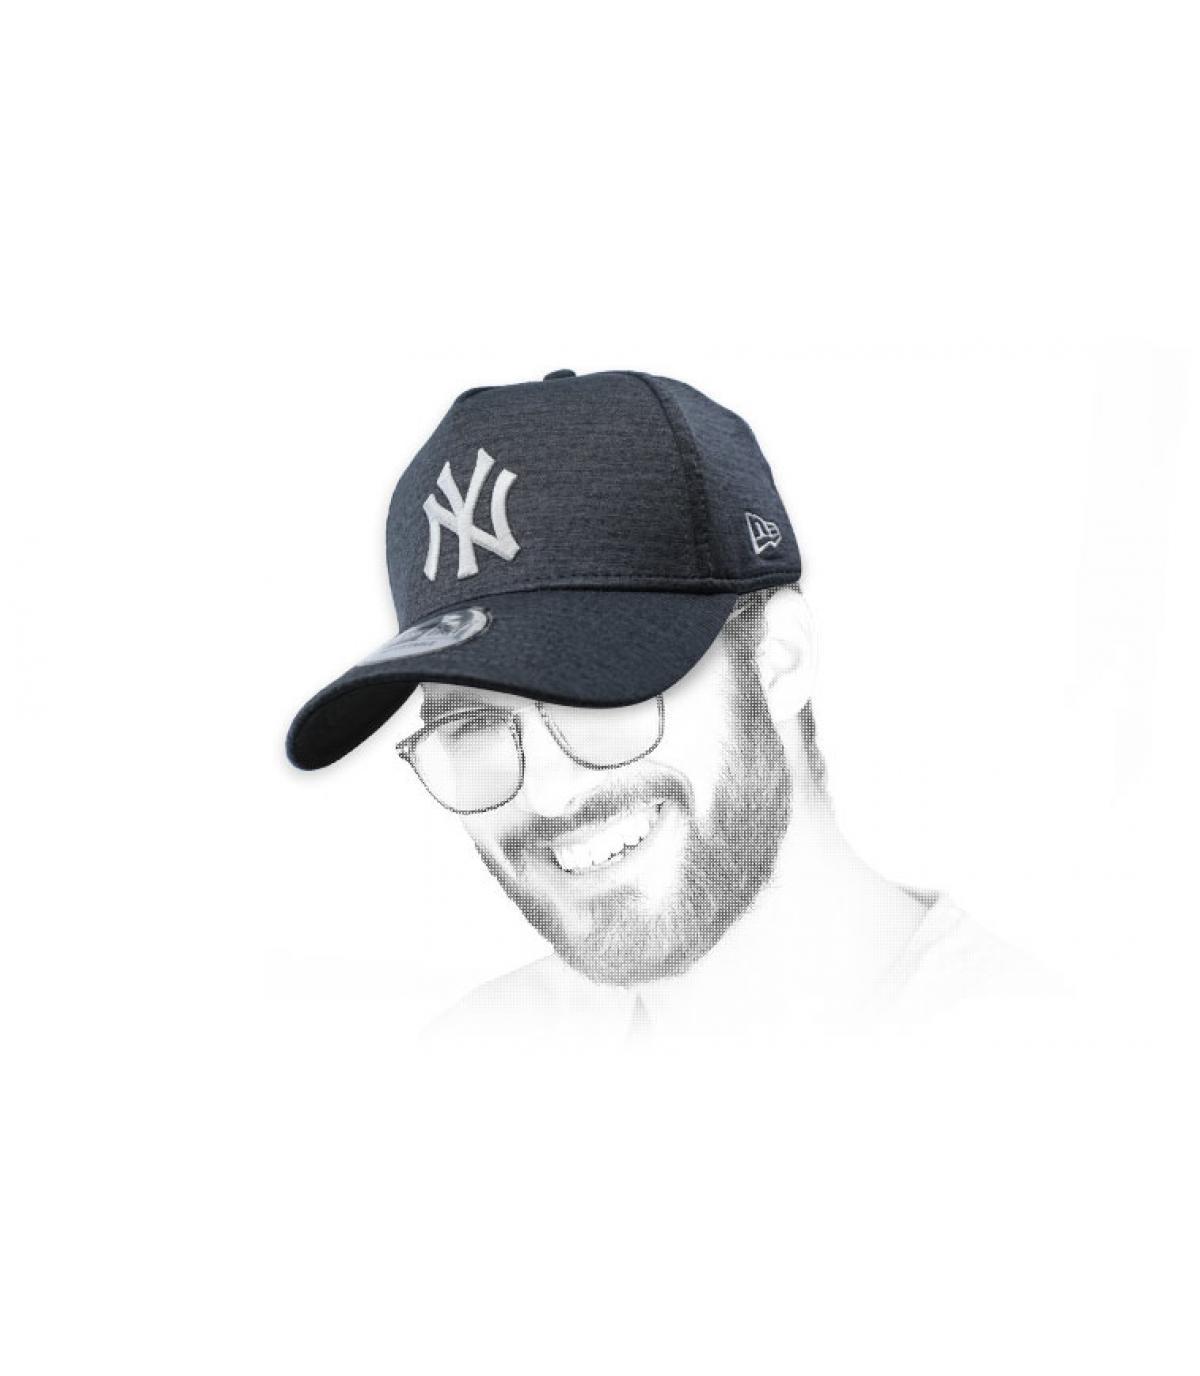 black grey NY cap AFrame